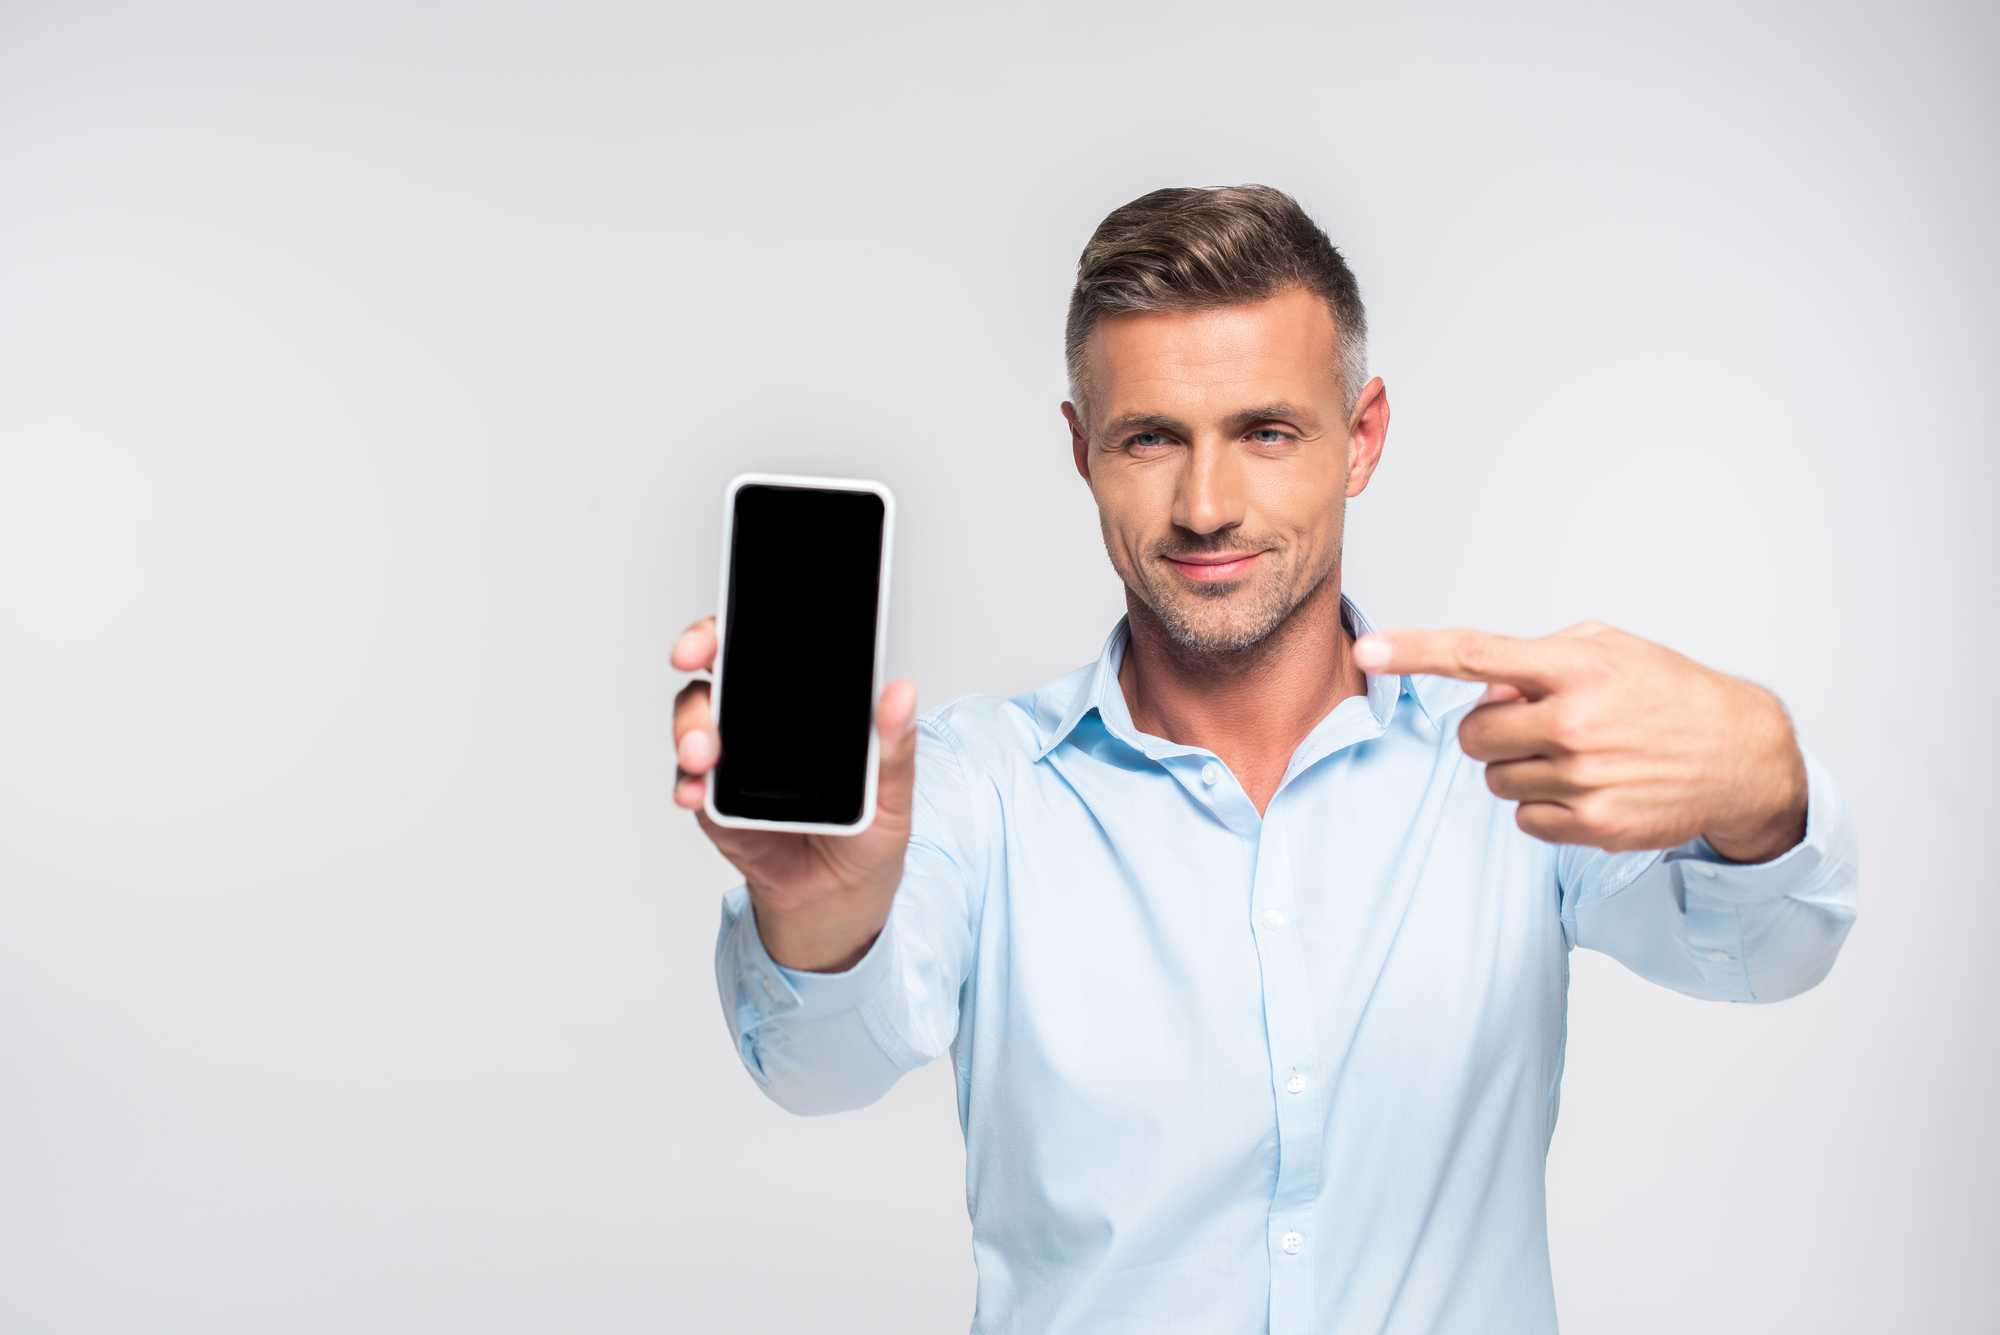 Как найти телефон, который потерял?